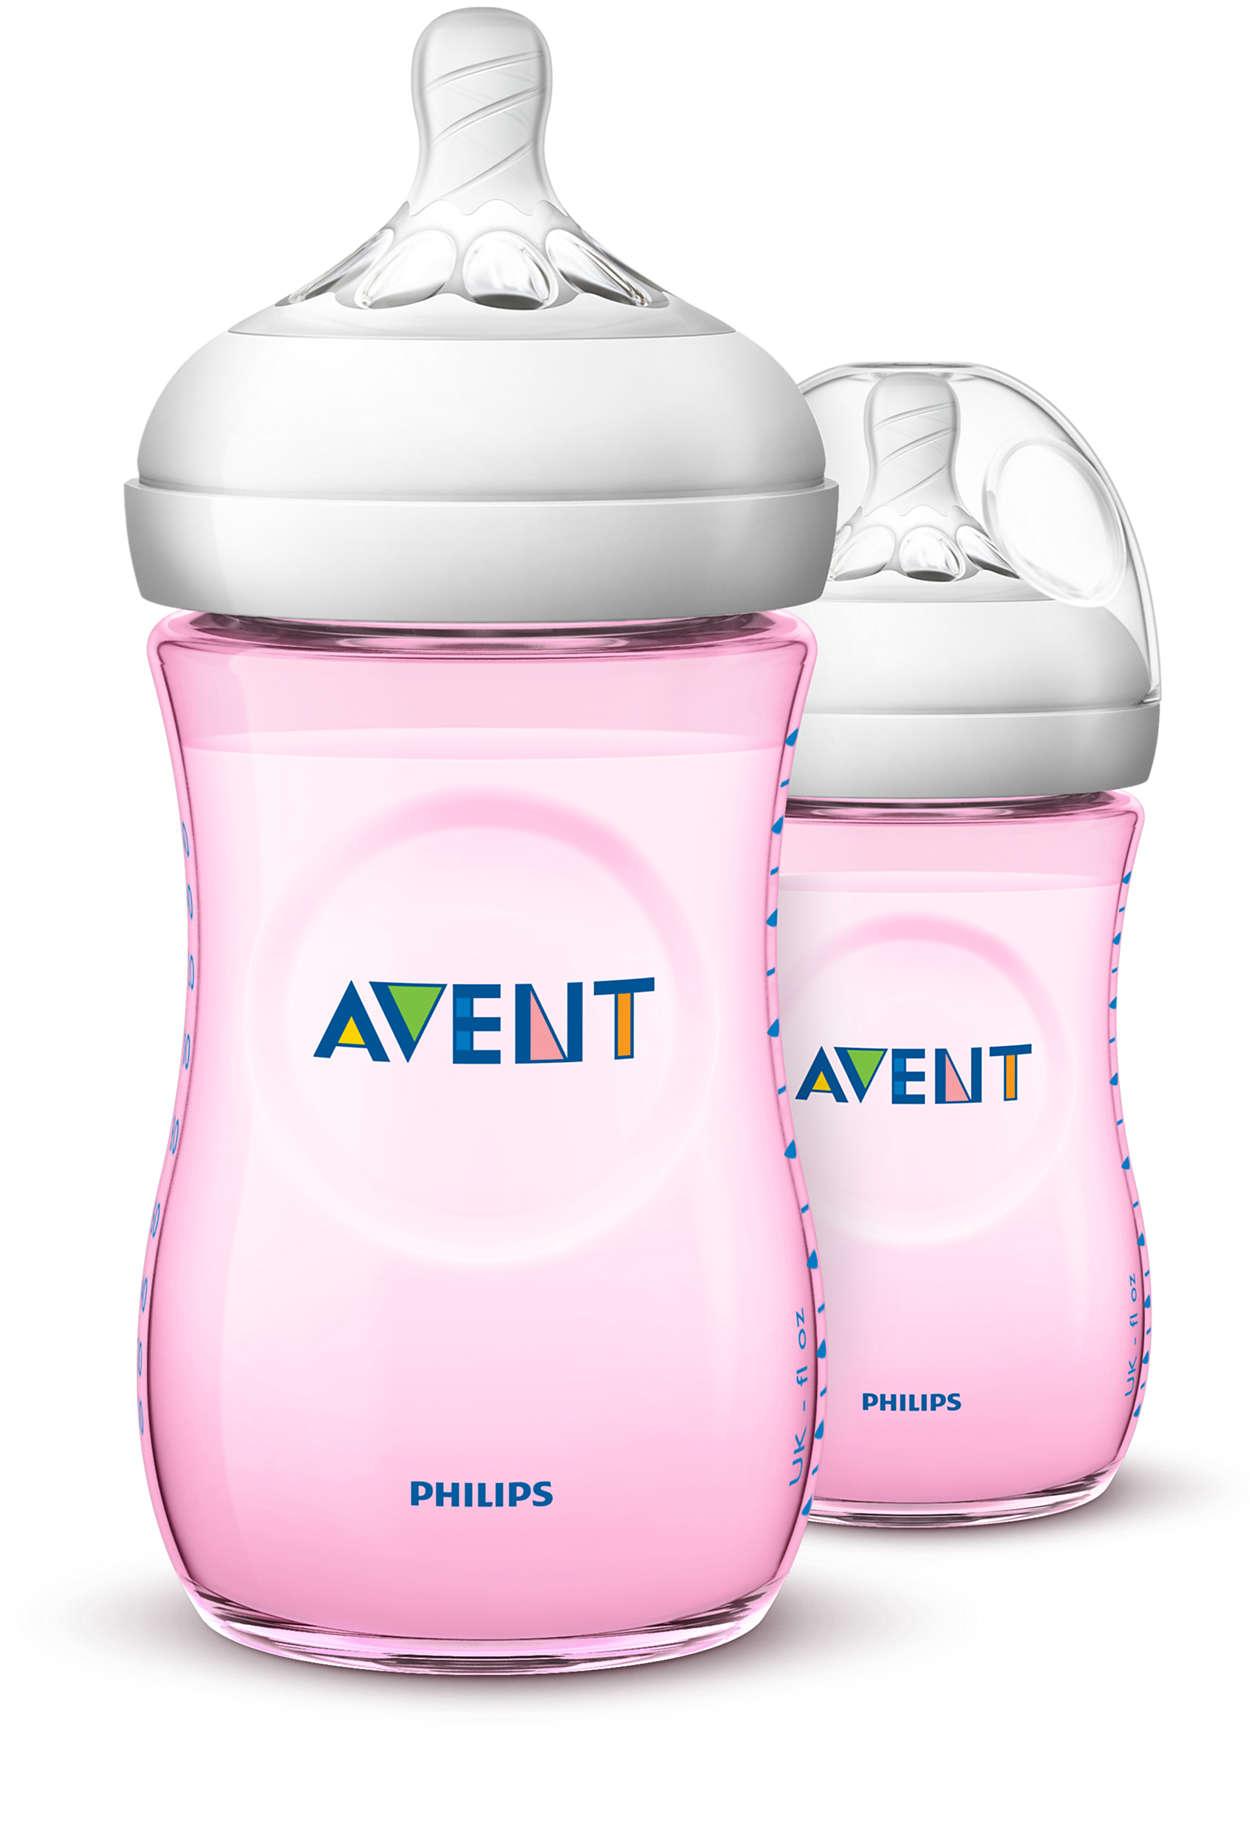 Cara paling alami untuk memberikan susu dengan botol